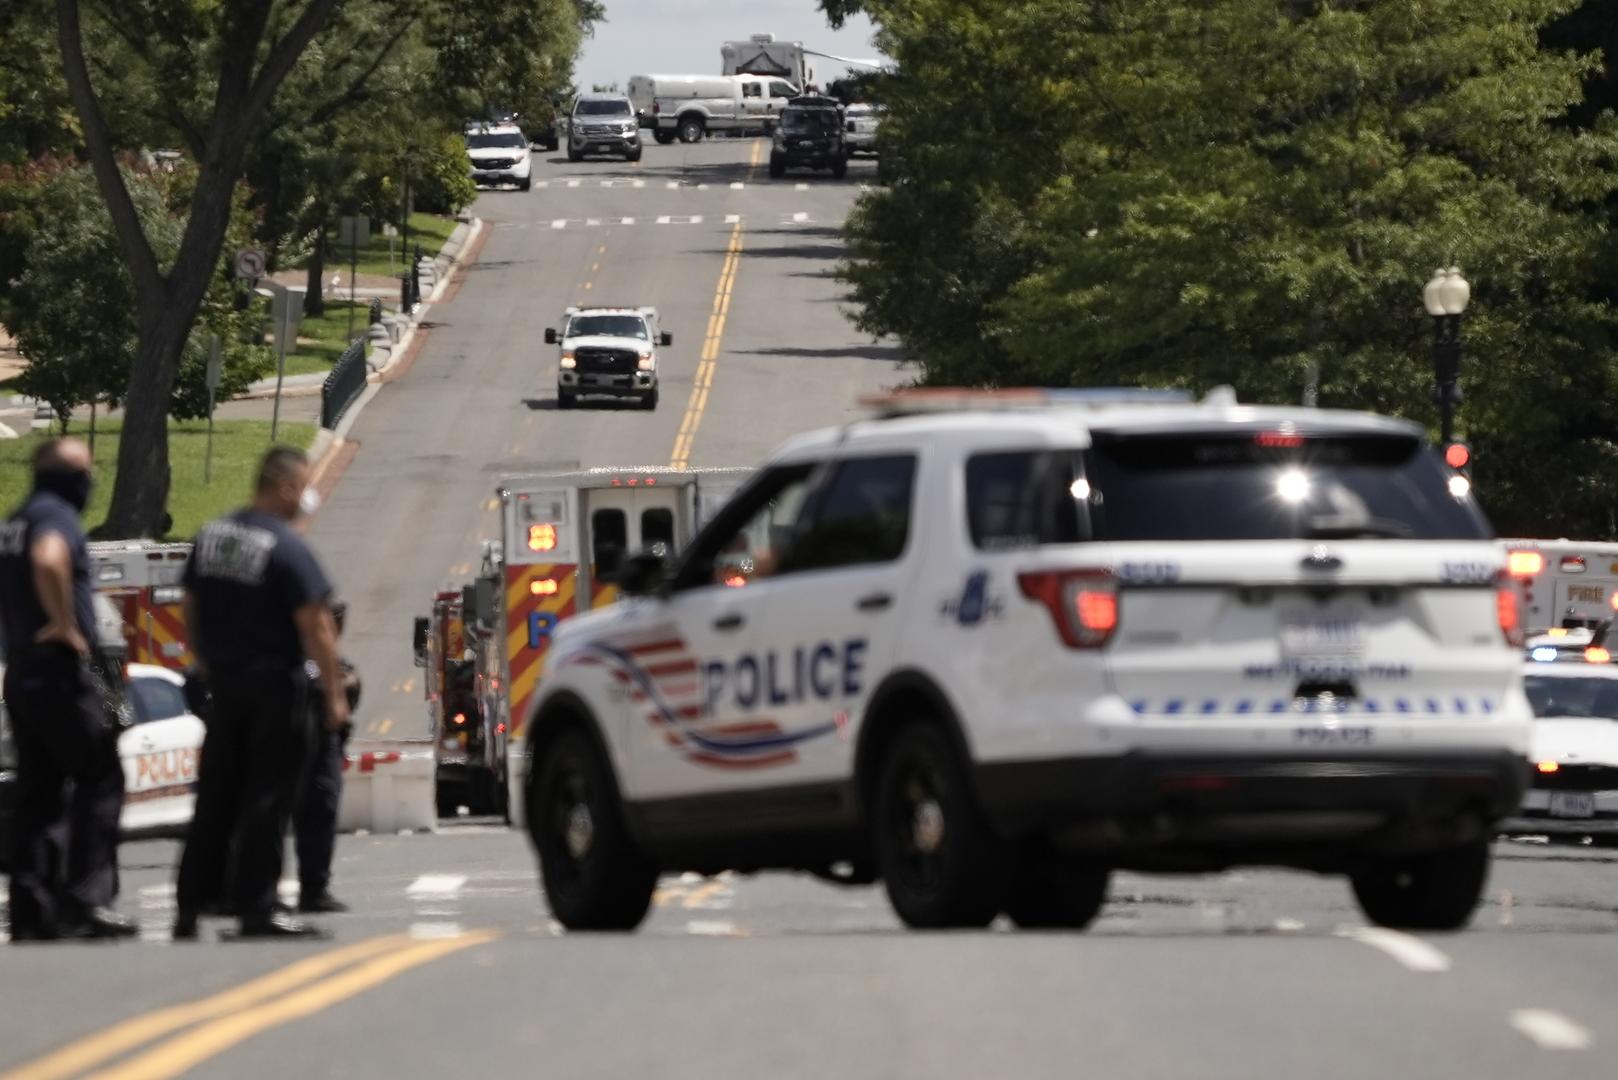 الولايات المتحدة.. إصابة طالبين بإطلاق نار في ثانوية هيرتيج في فرجينيا